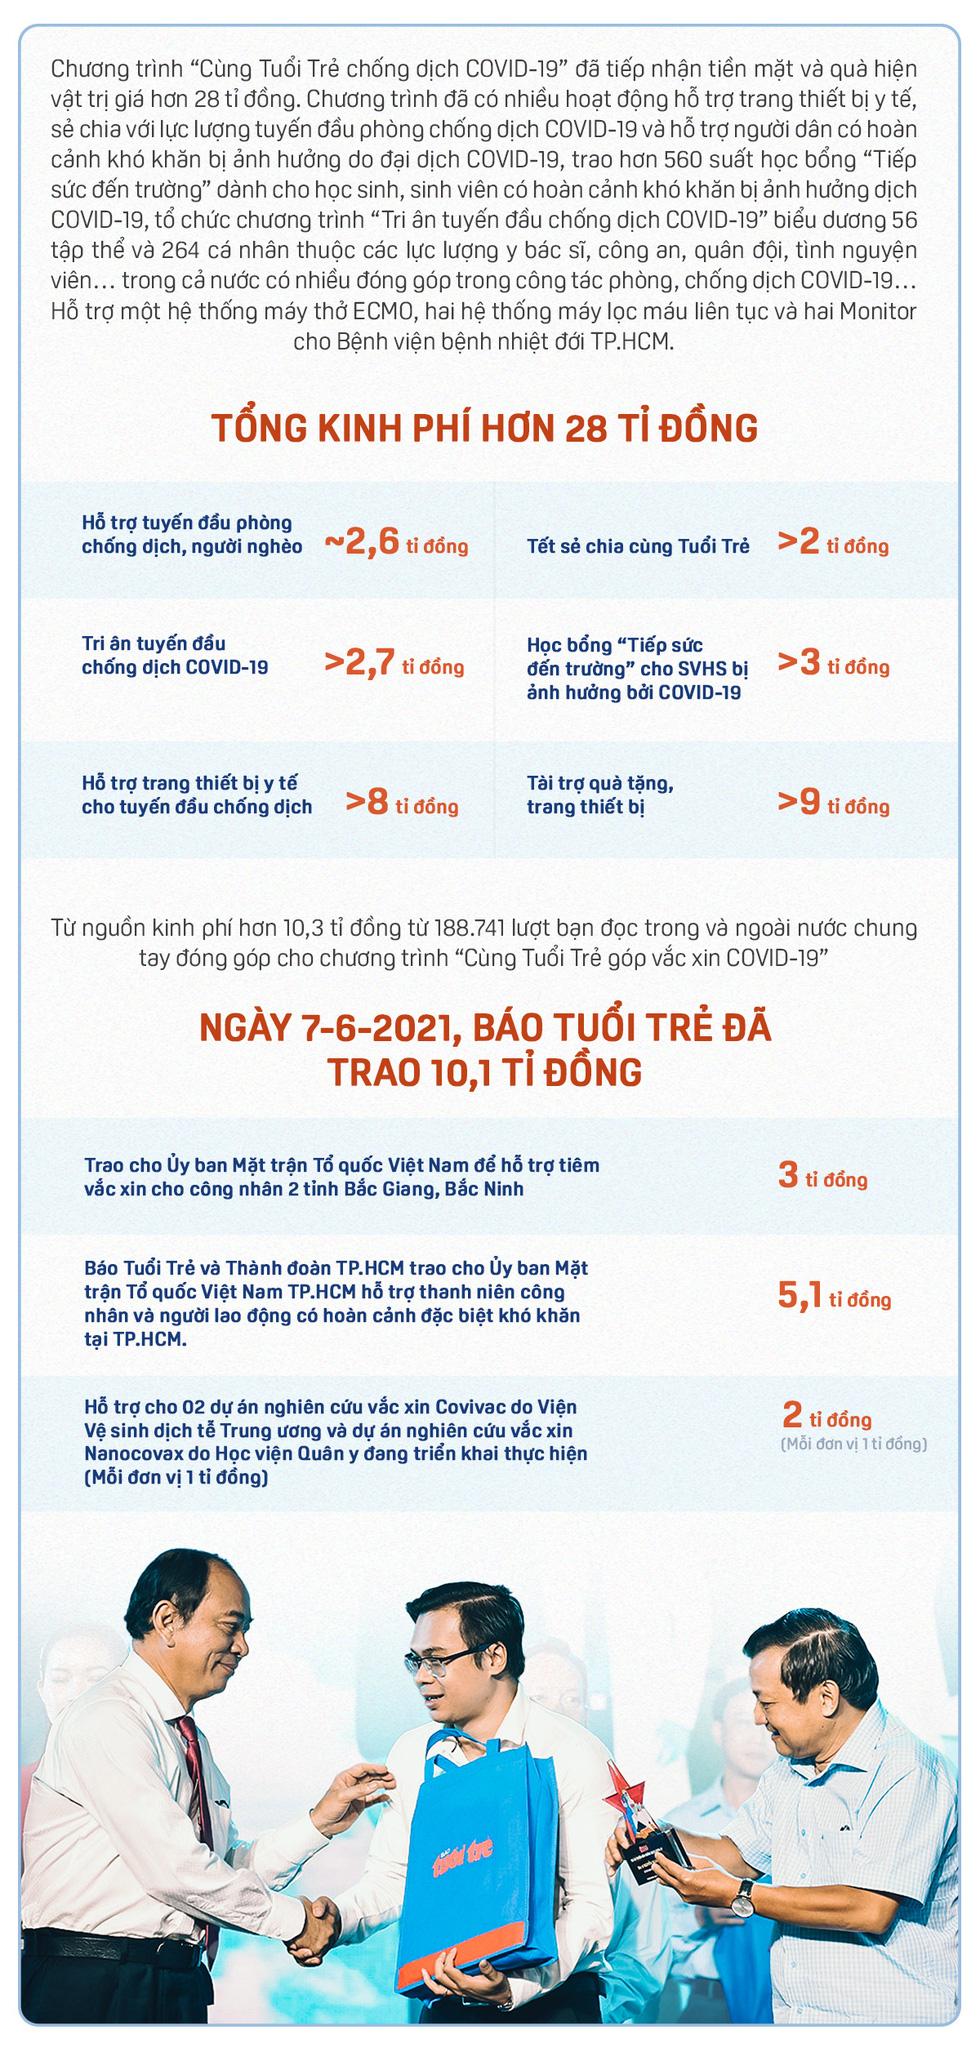 Hy vọng cuối năm 2021 có vắc xin ngừa COVID-19 made in Việt Nam - Ảnh 6.